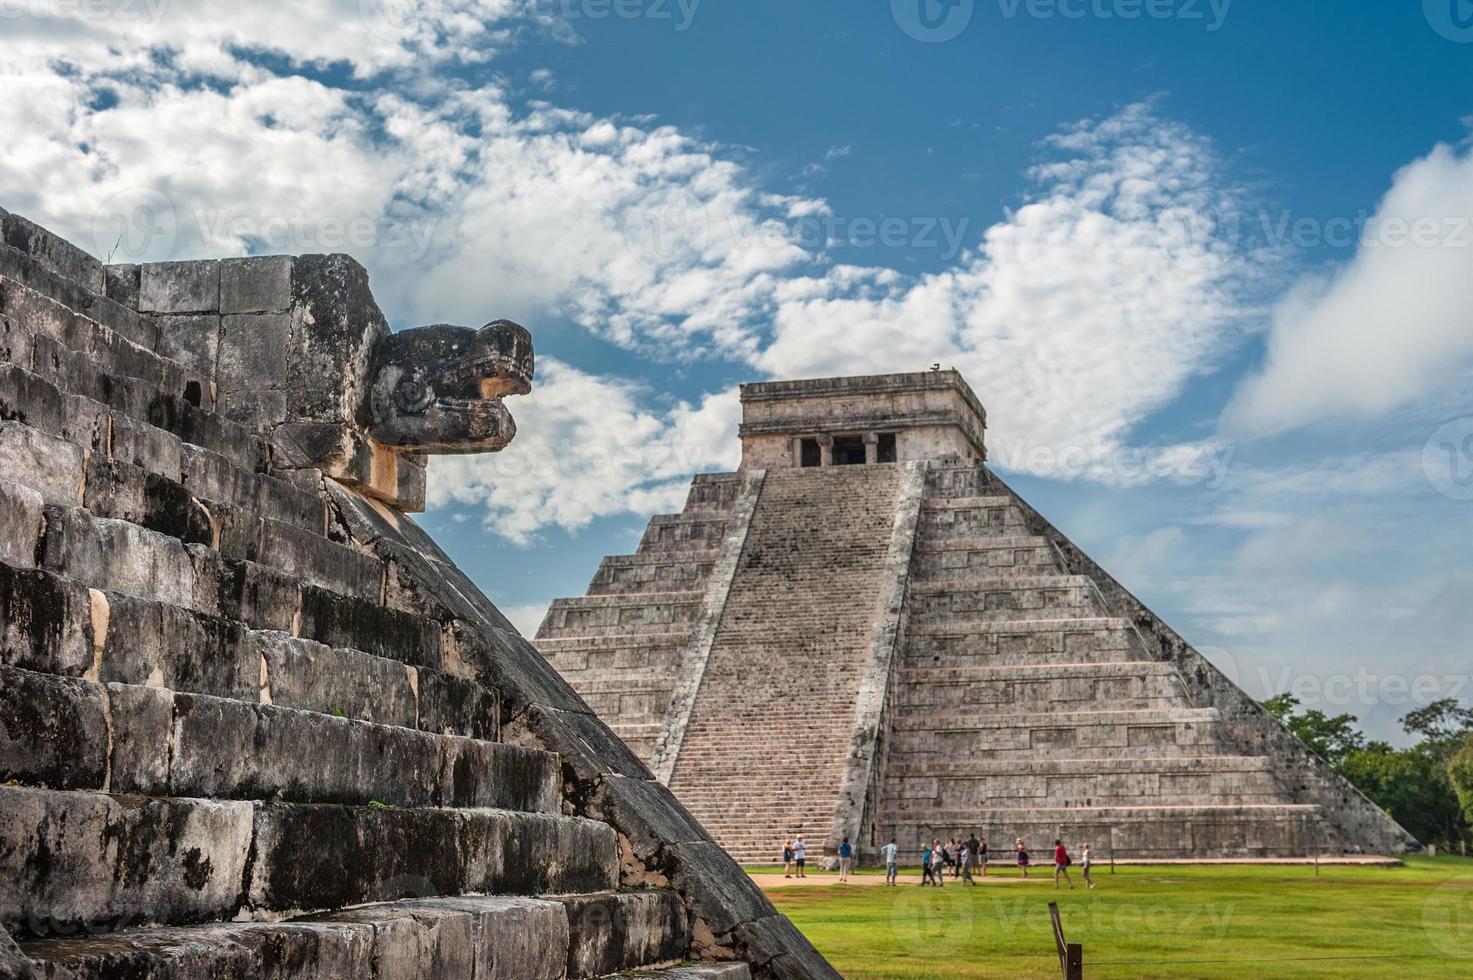 el castillo o tempio della piramide di kukulkan, chichen itza, yucatan foto